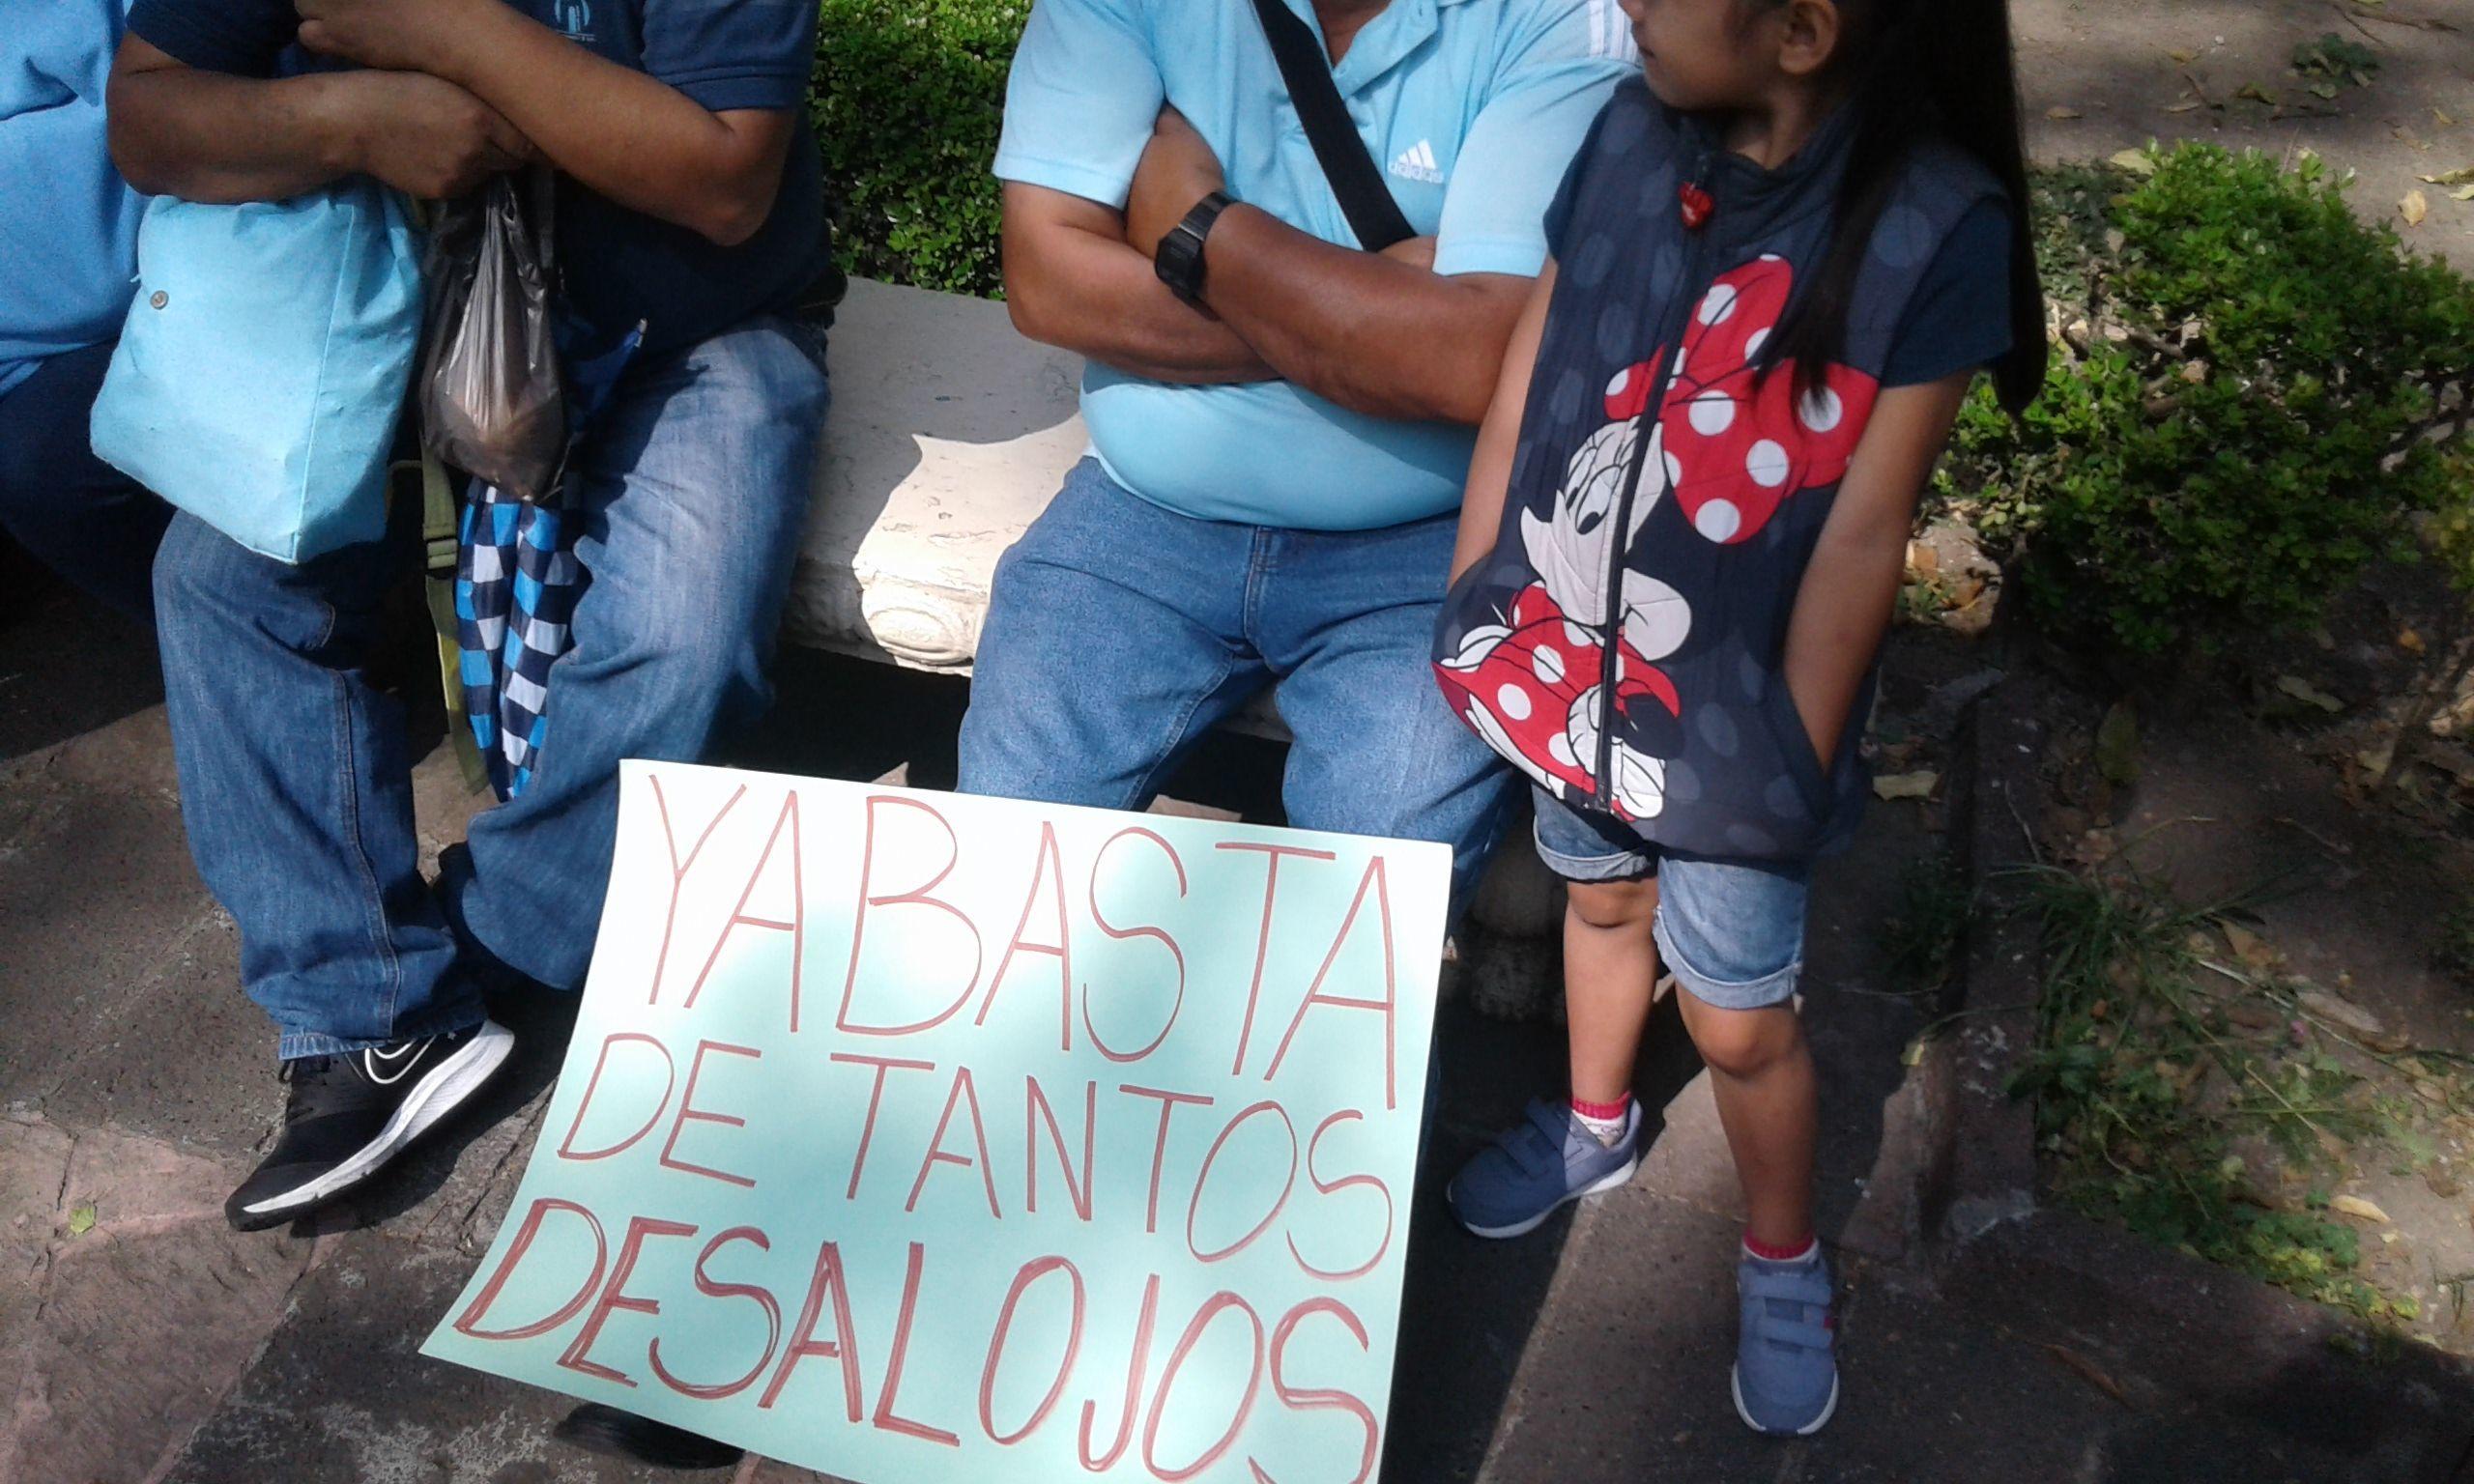 Más de 3,000 desalojos arbitrarios se producen cada año en ciudad de México